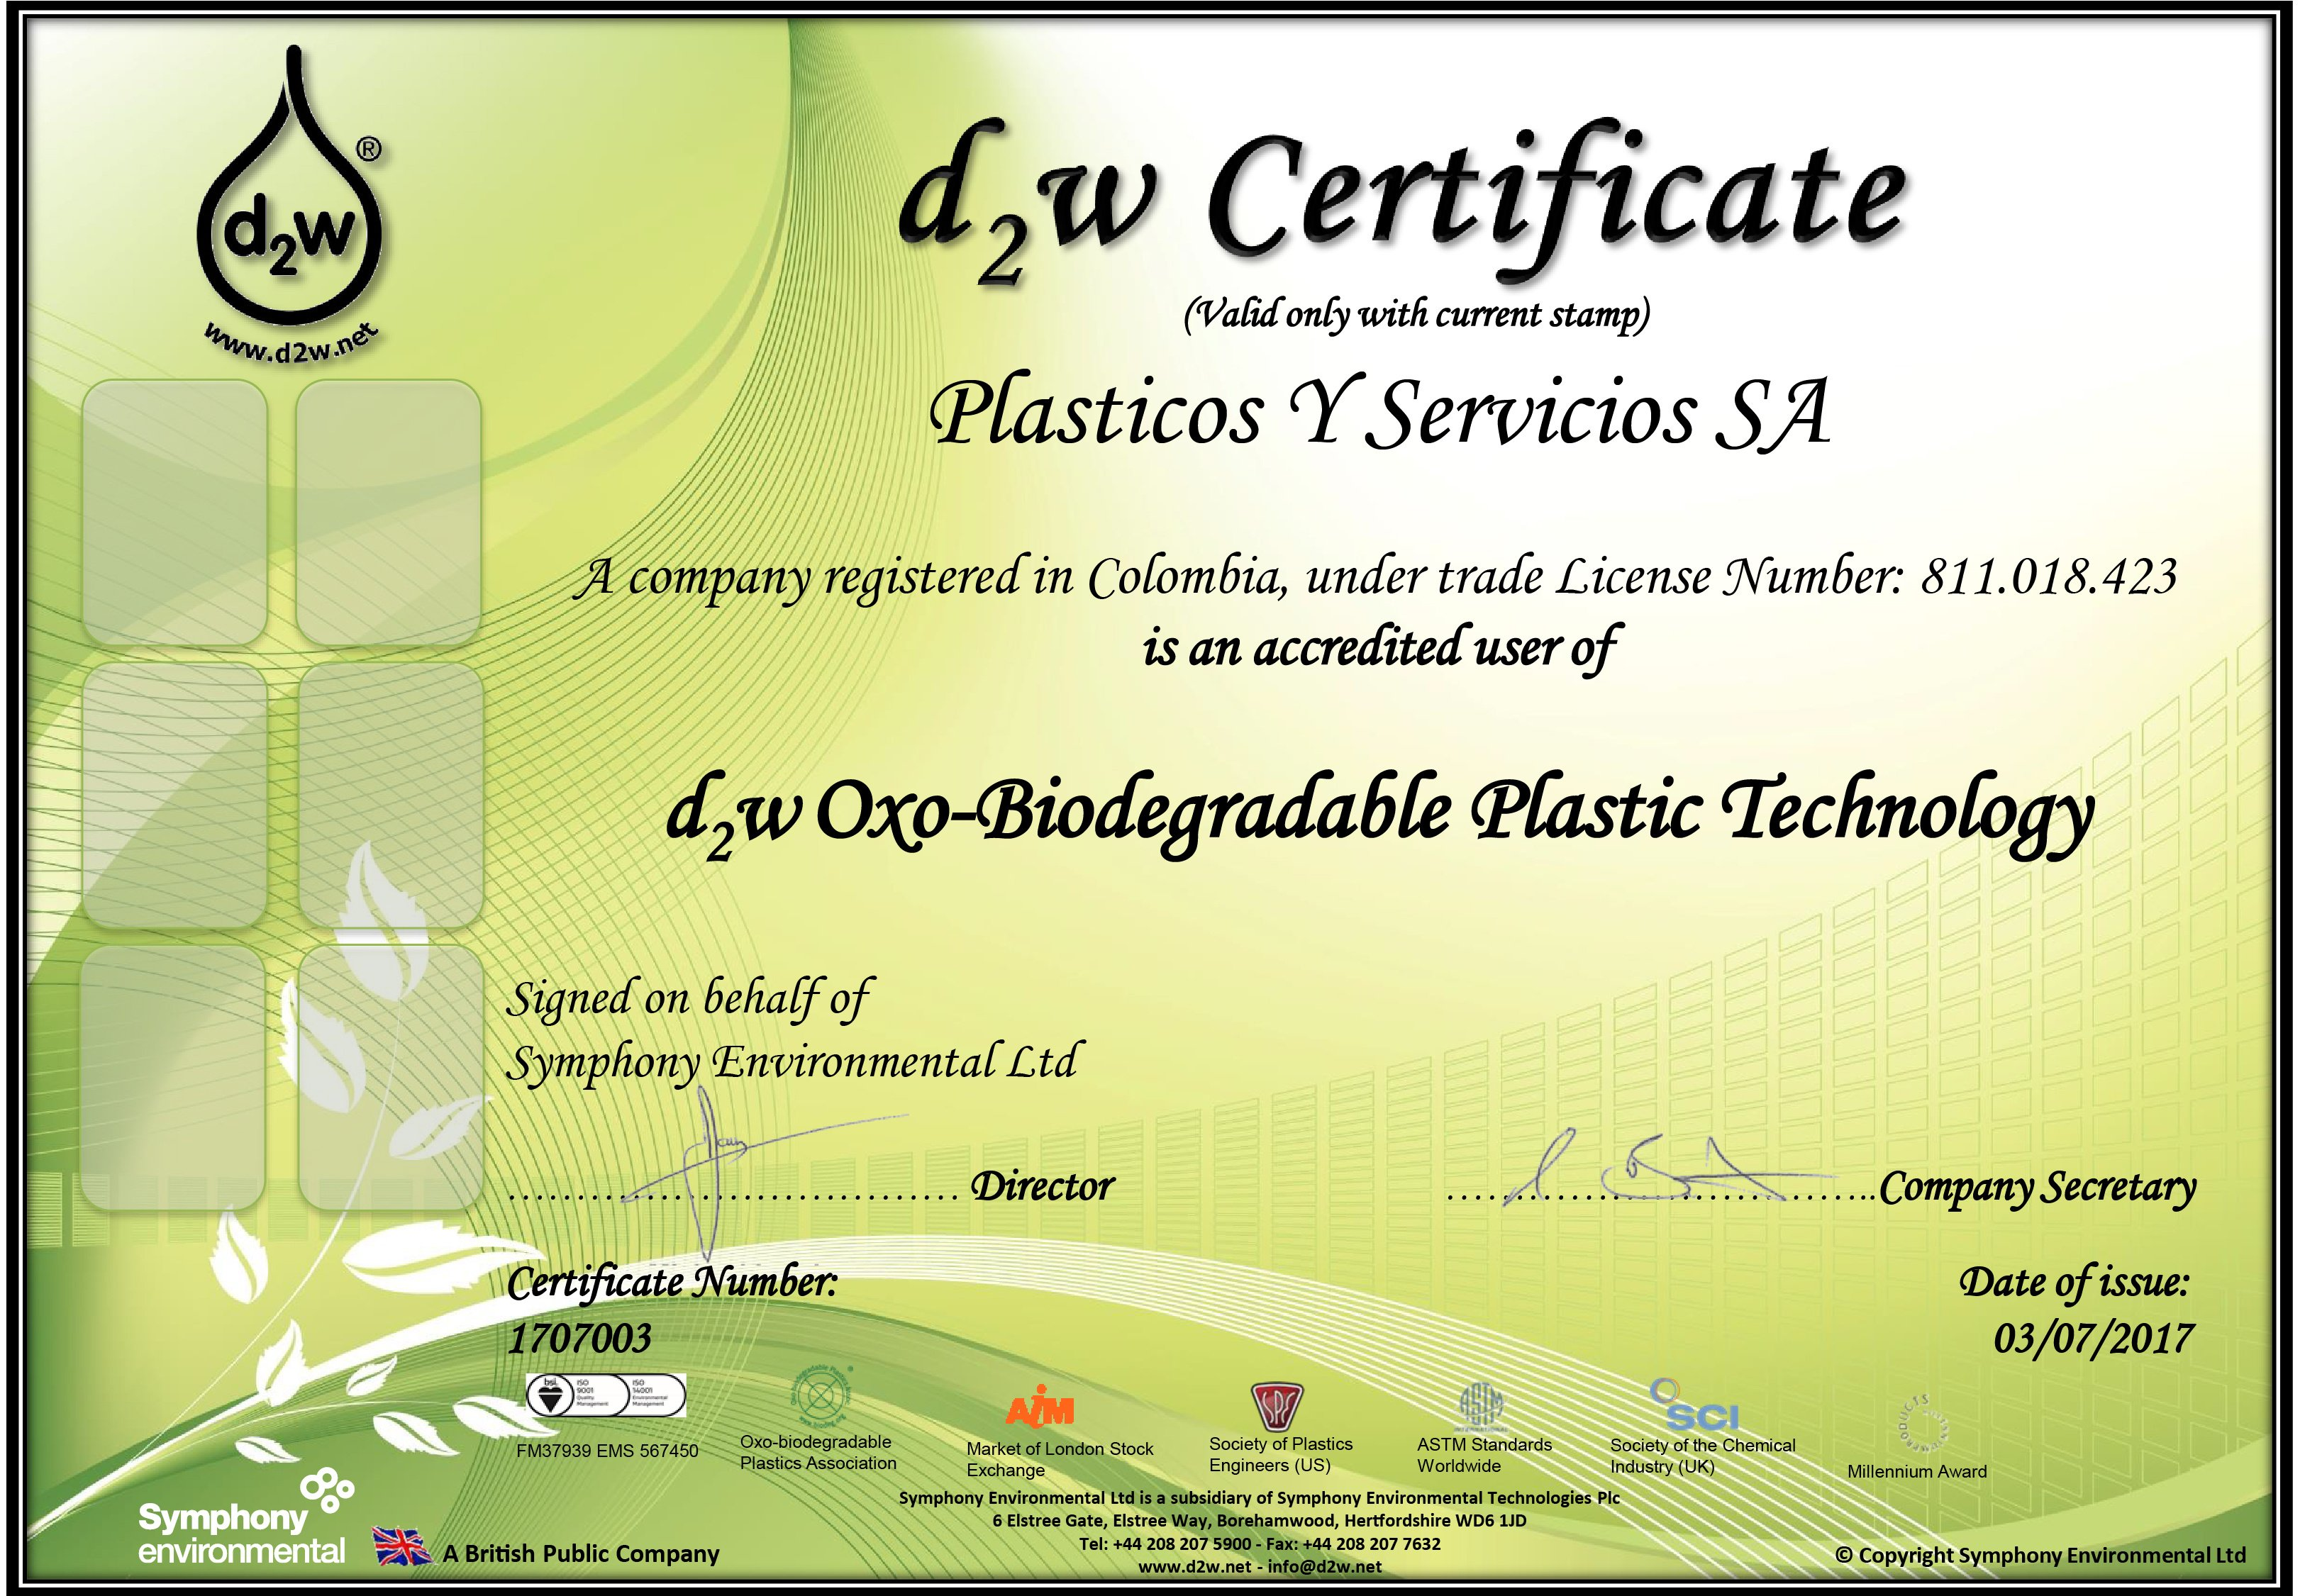 Plasticos-Y-Servicios-SA-d2w-User-Certificate-1707003-3250x2251.jpg